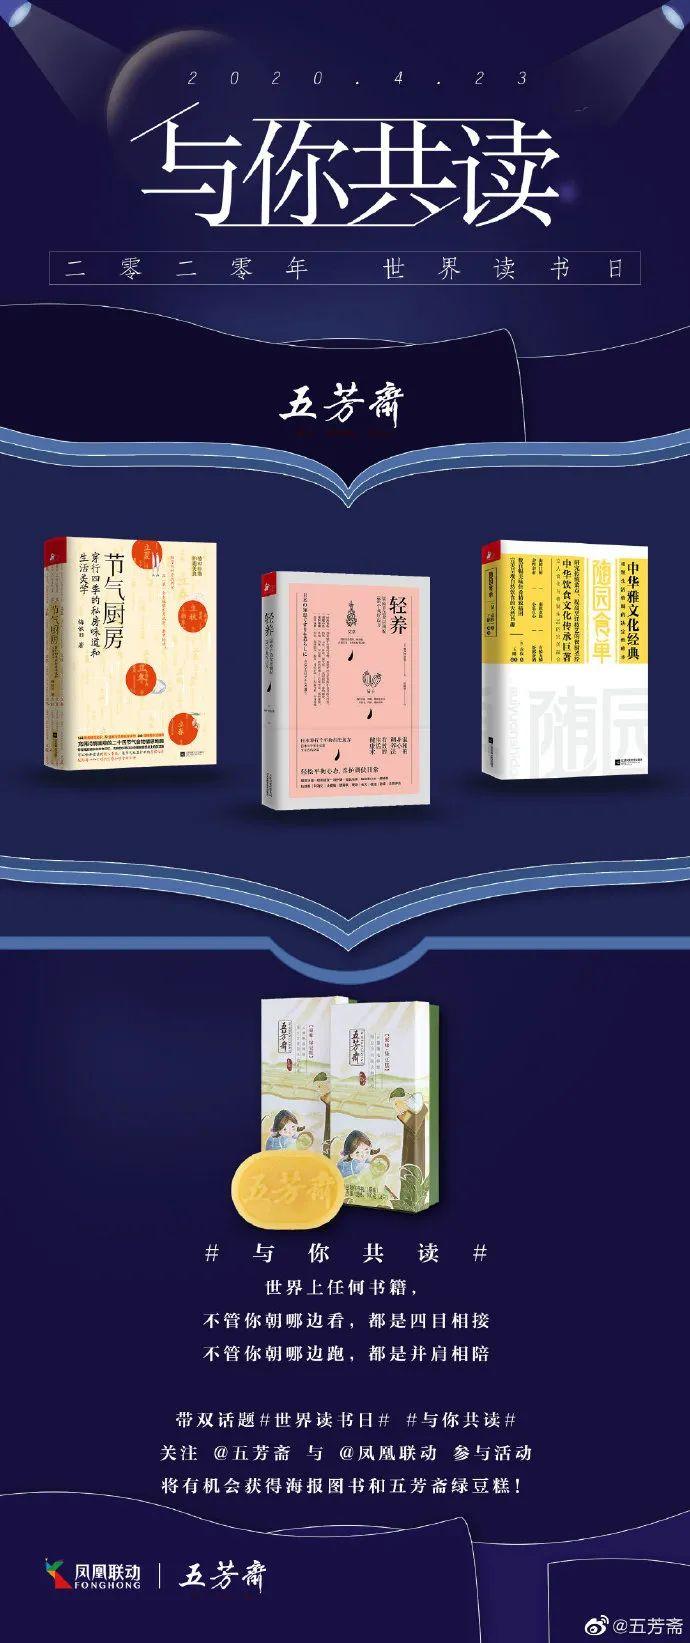 世界读书日文案海报欣赏:别给自己的懒惰找借口!插图53